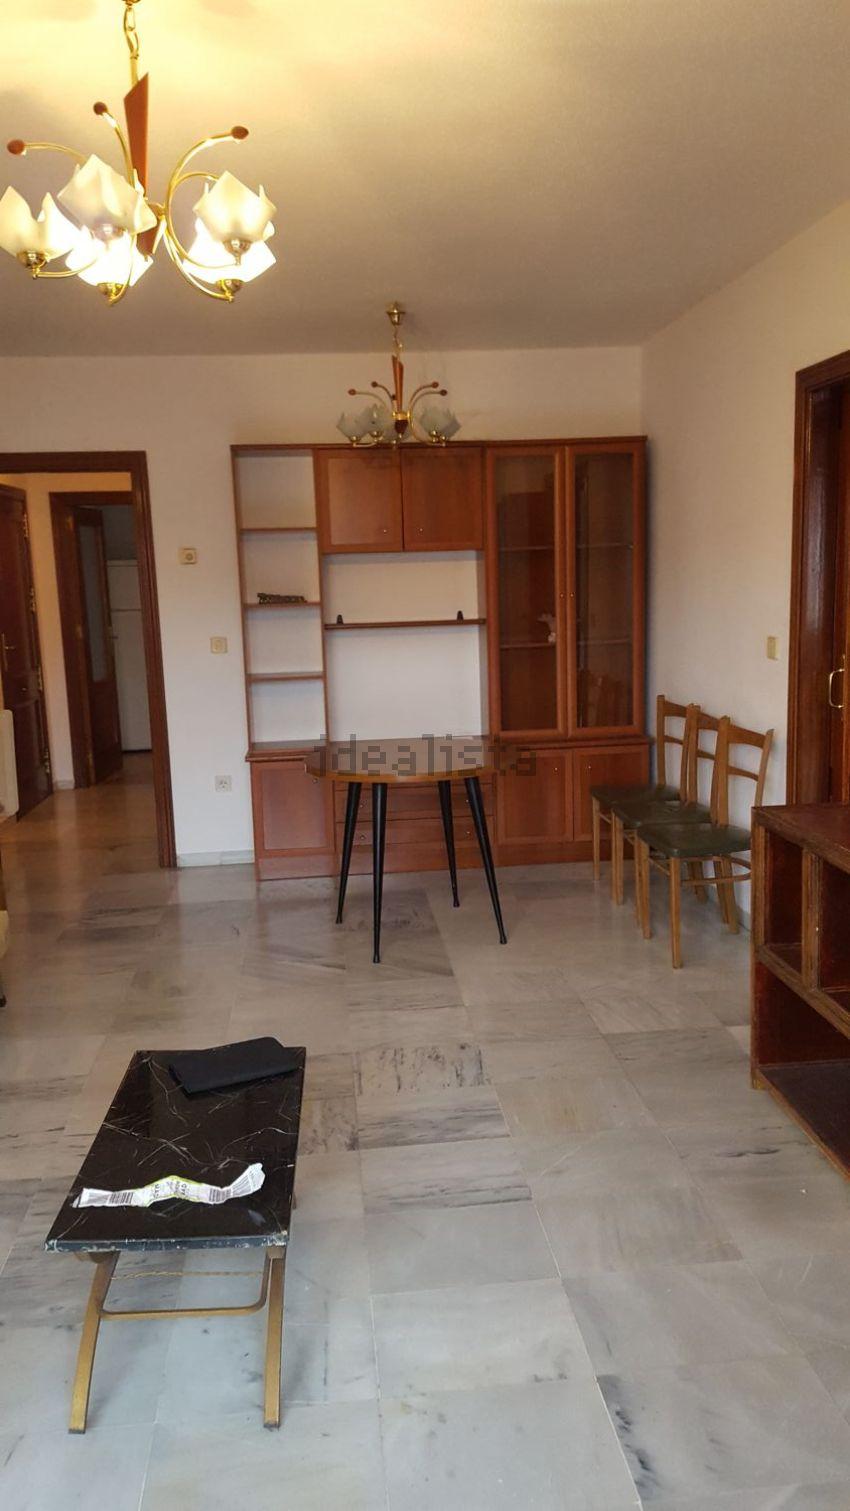 Piso en zona residencia padre claret, s n, Almanjayar, Granada